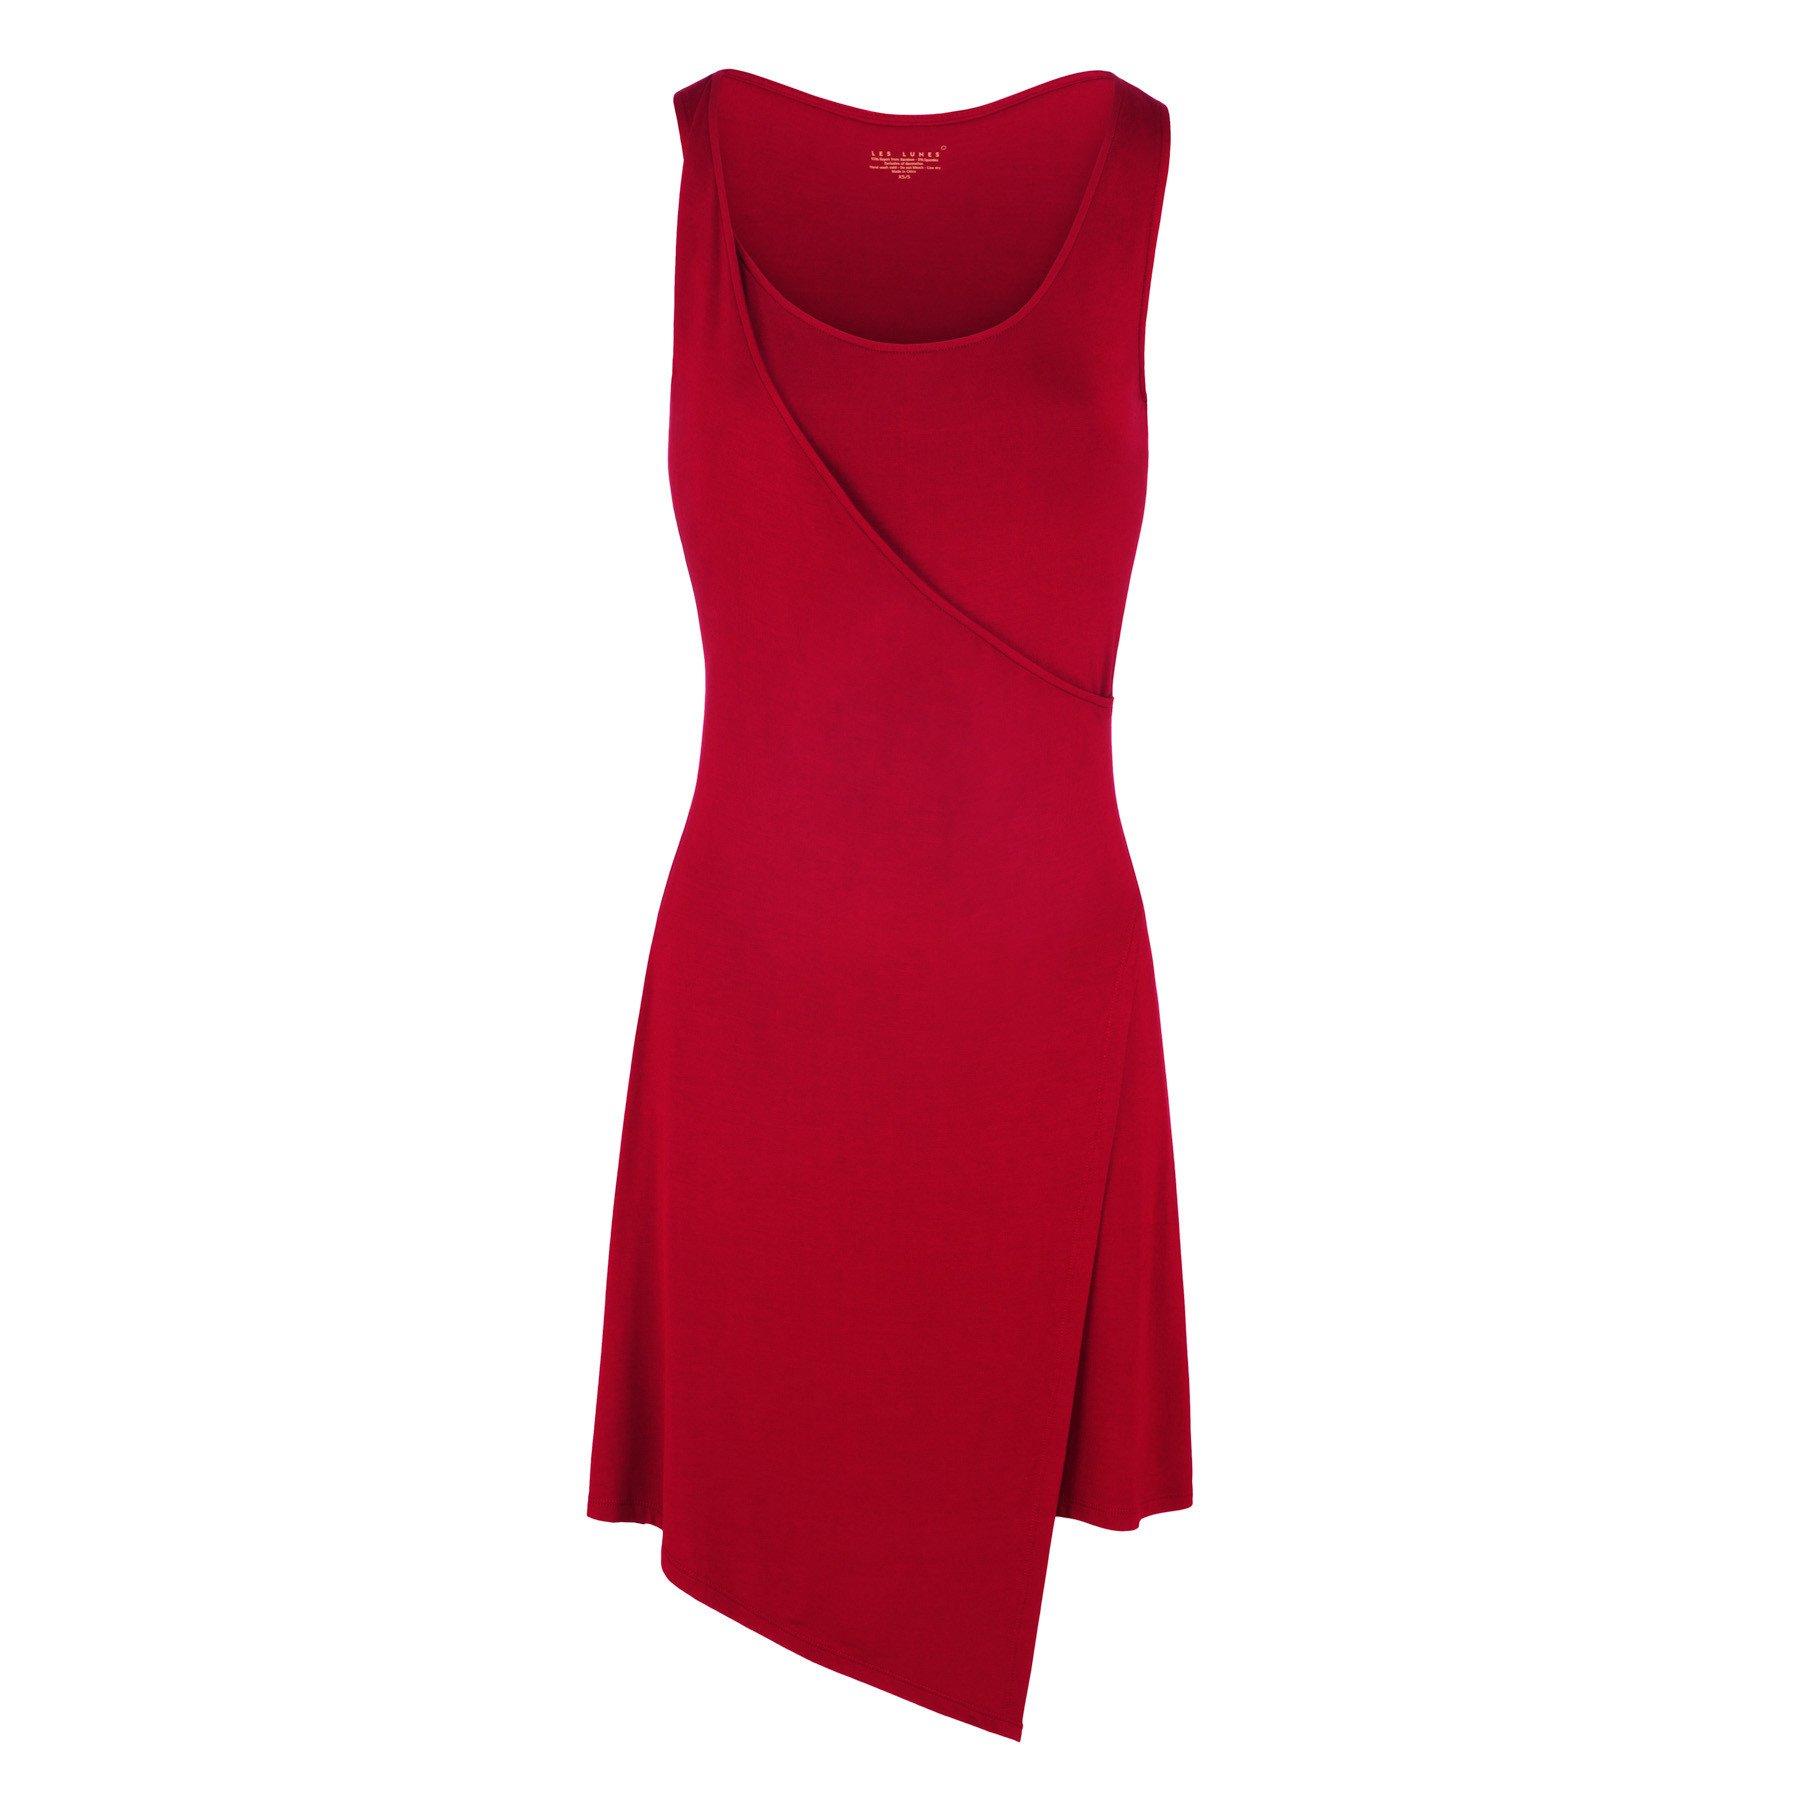 boden-pr-monceau_-_dress_-_wn_-_print_s1800_2048x2048.jpg